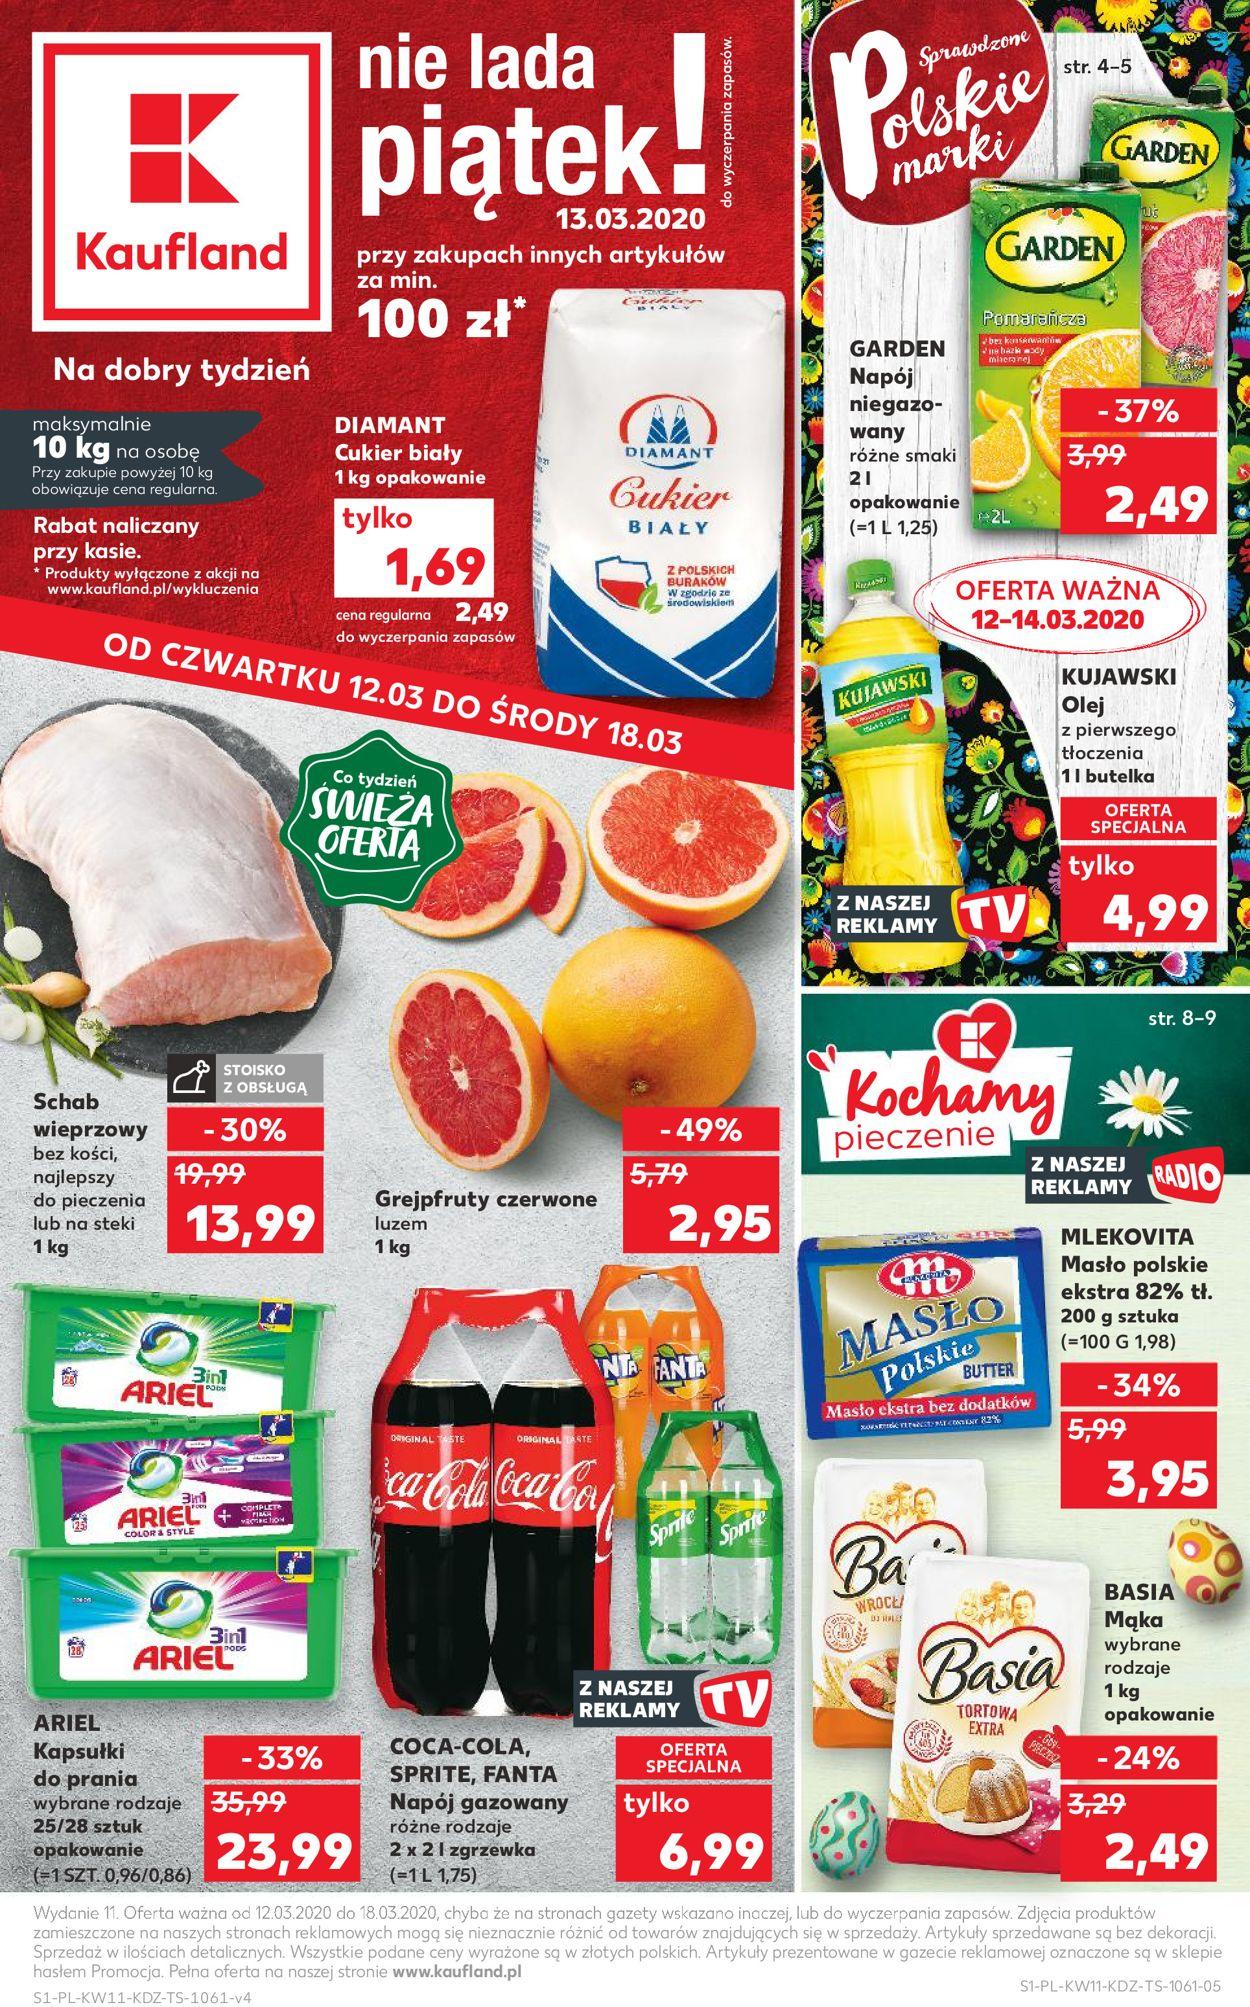 Gazetka promocyjna Kaufland - 12.03-18.03.2020